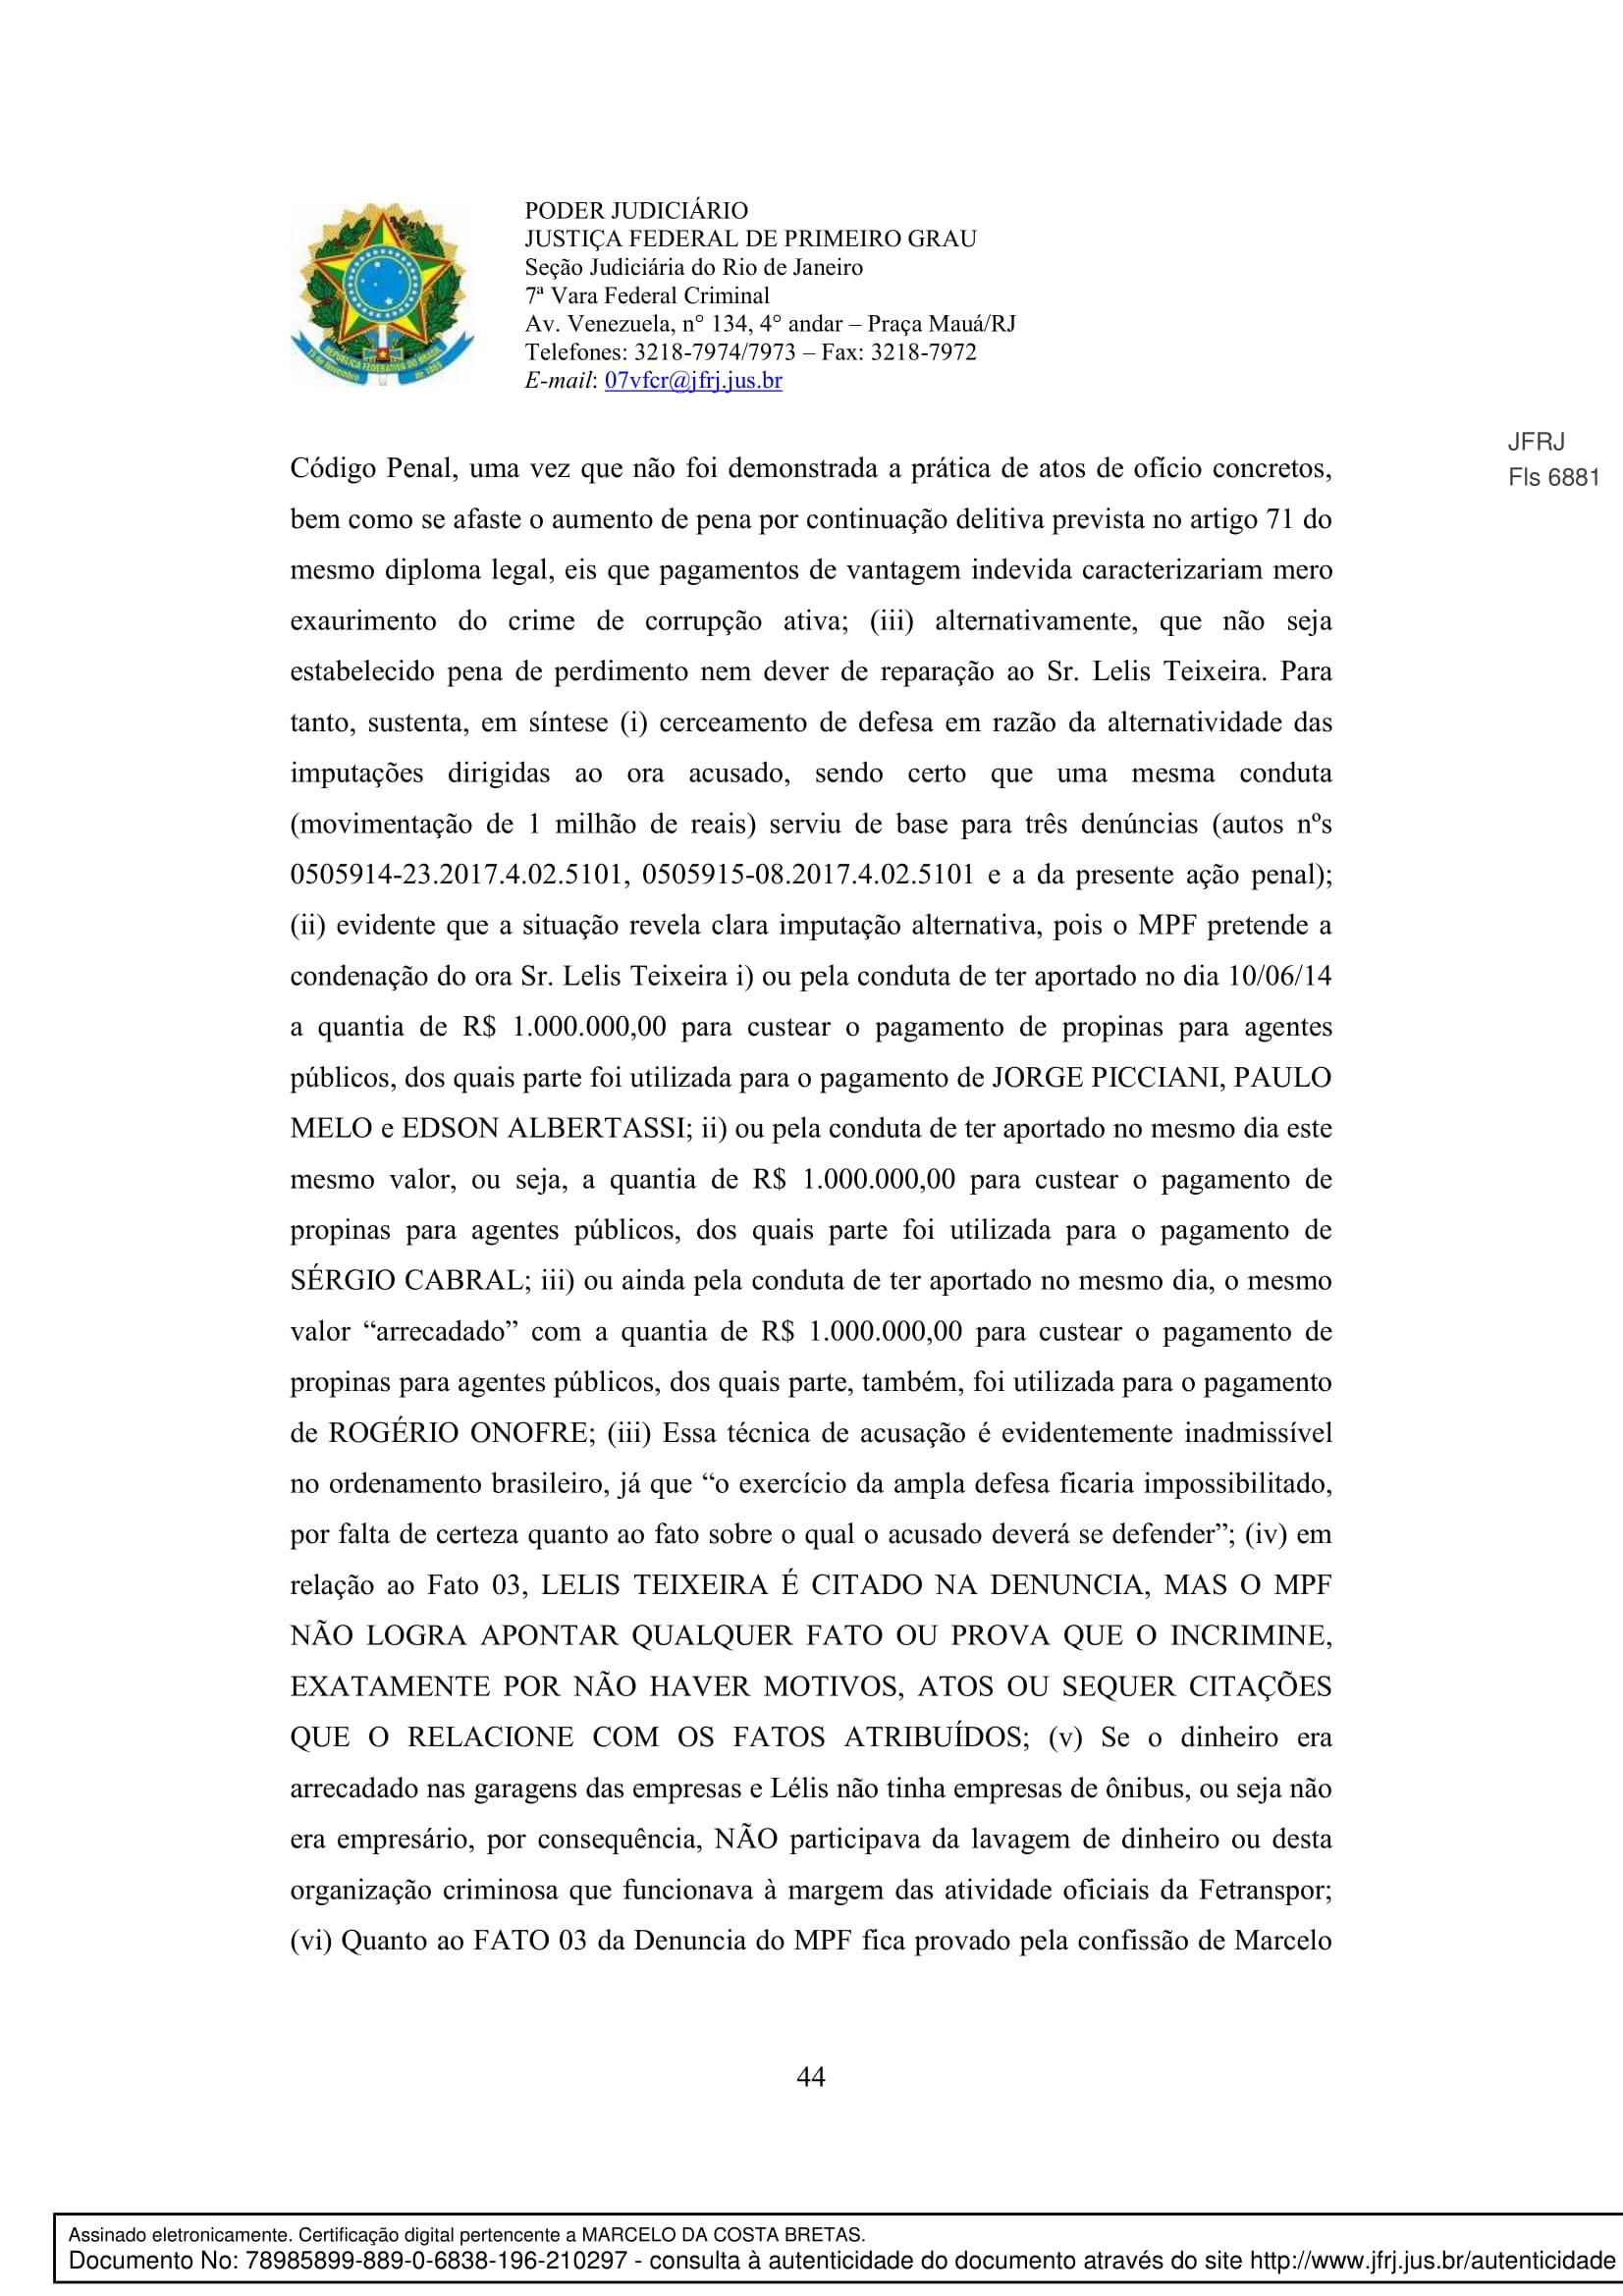 Sentenca-Cadeia-Velha-7VFC-044